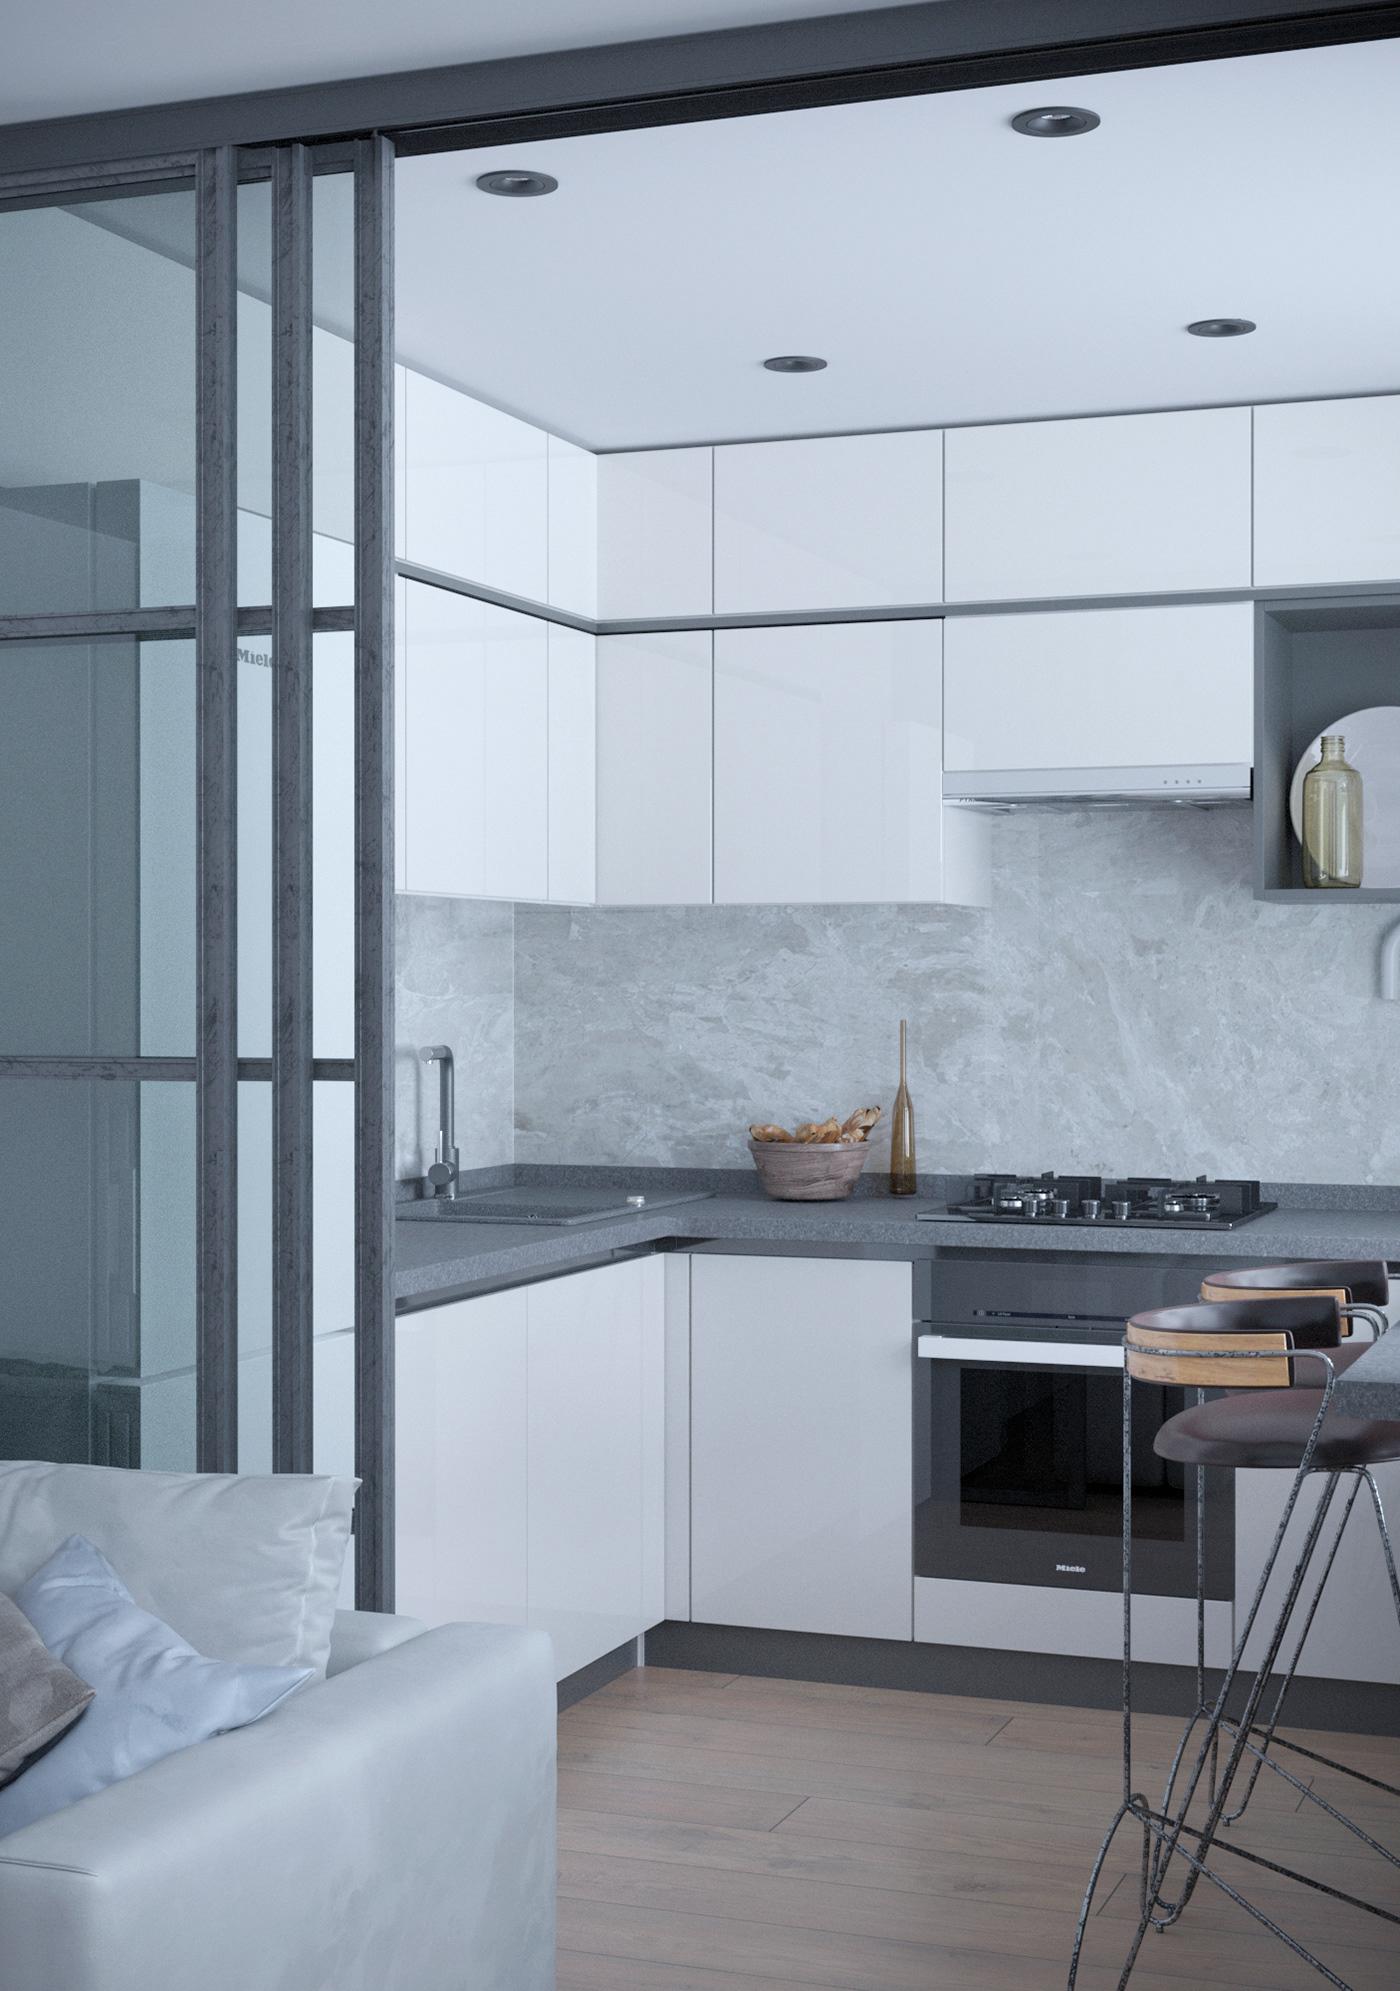 Визуализация кухни дизайн интерьера дизайн кухни